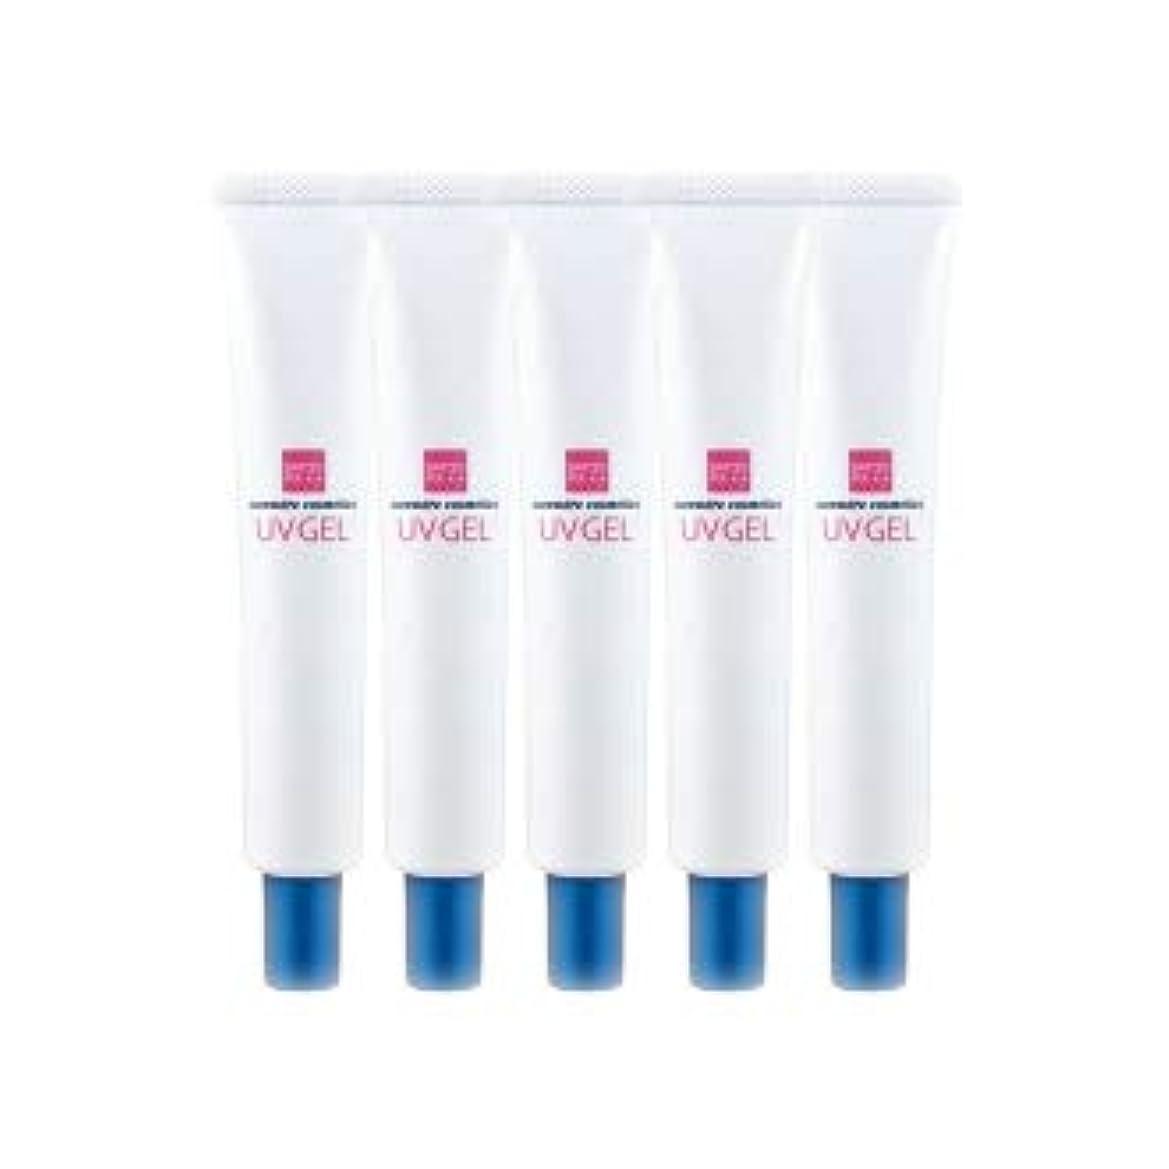 ブロックする歯痛年エバメール UVゲル (日焼け止め美容ジェル) 30g 5本セット